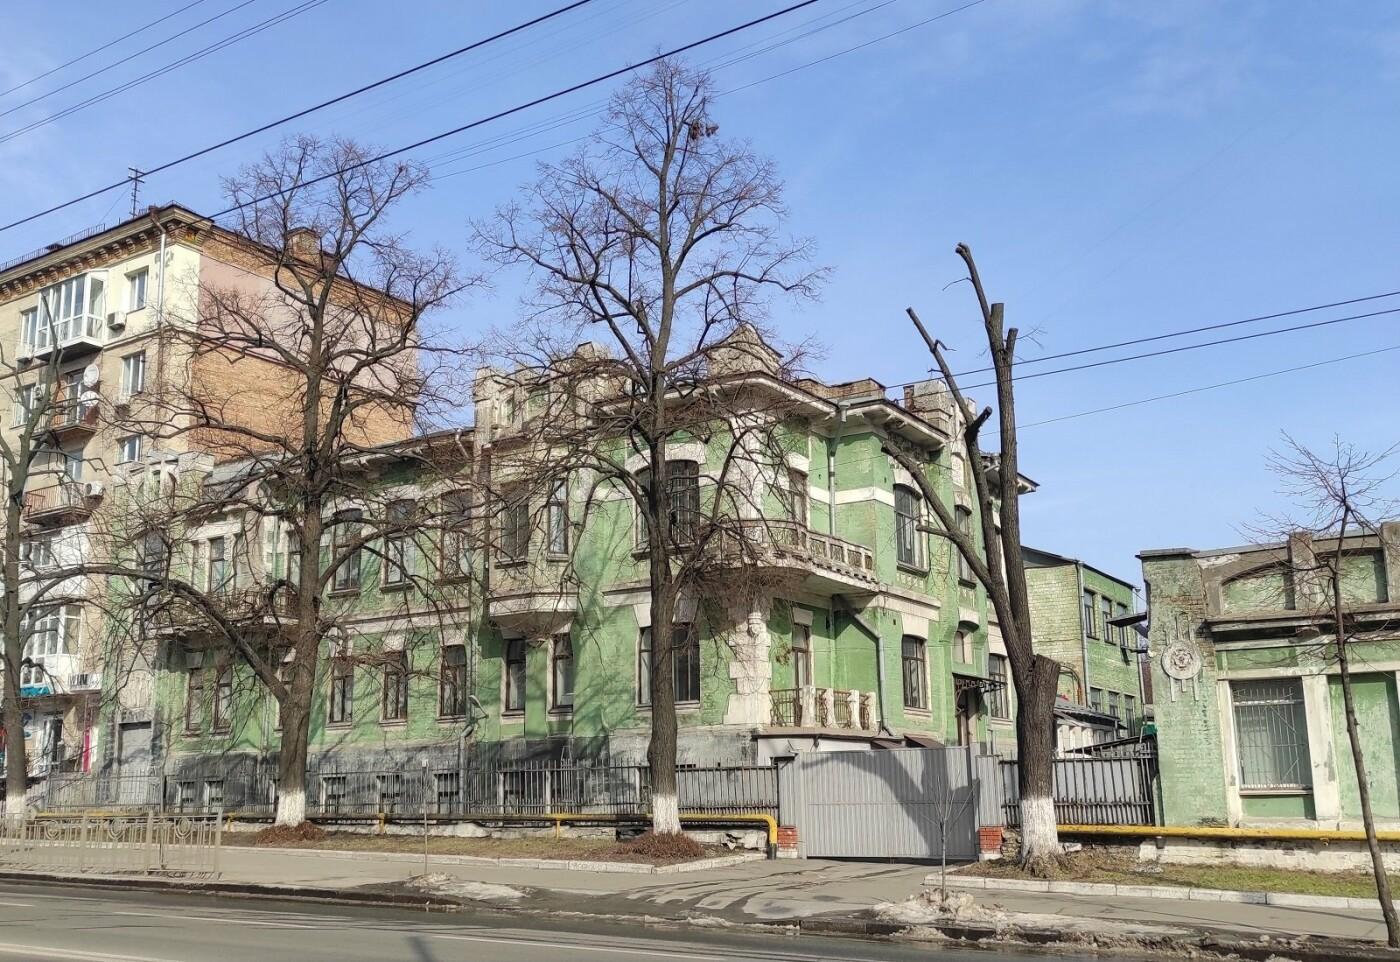 Дом с ирисами в Киеве, фото: Снежана N